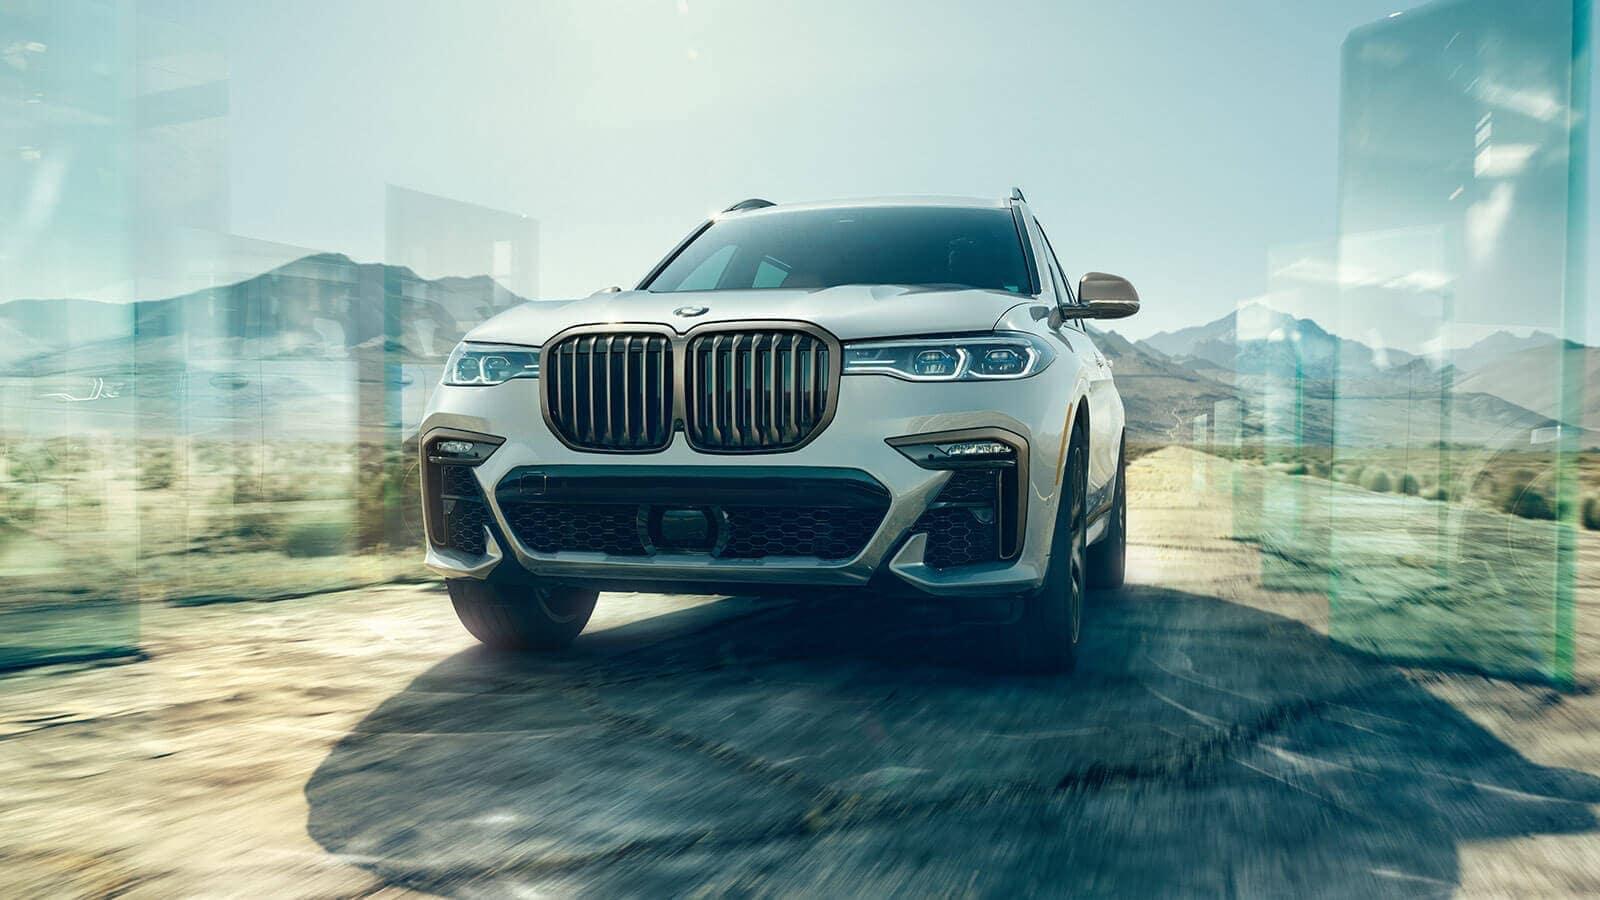 2021 BMW X7 El Cajon